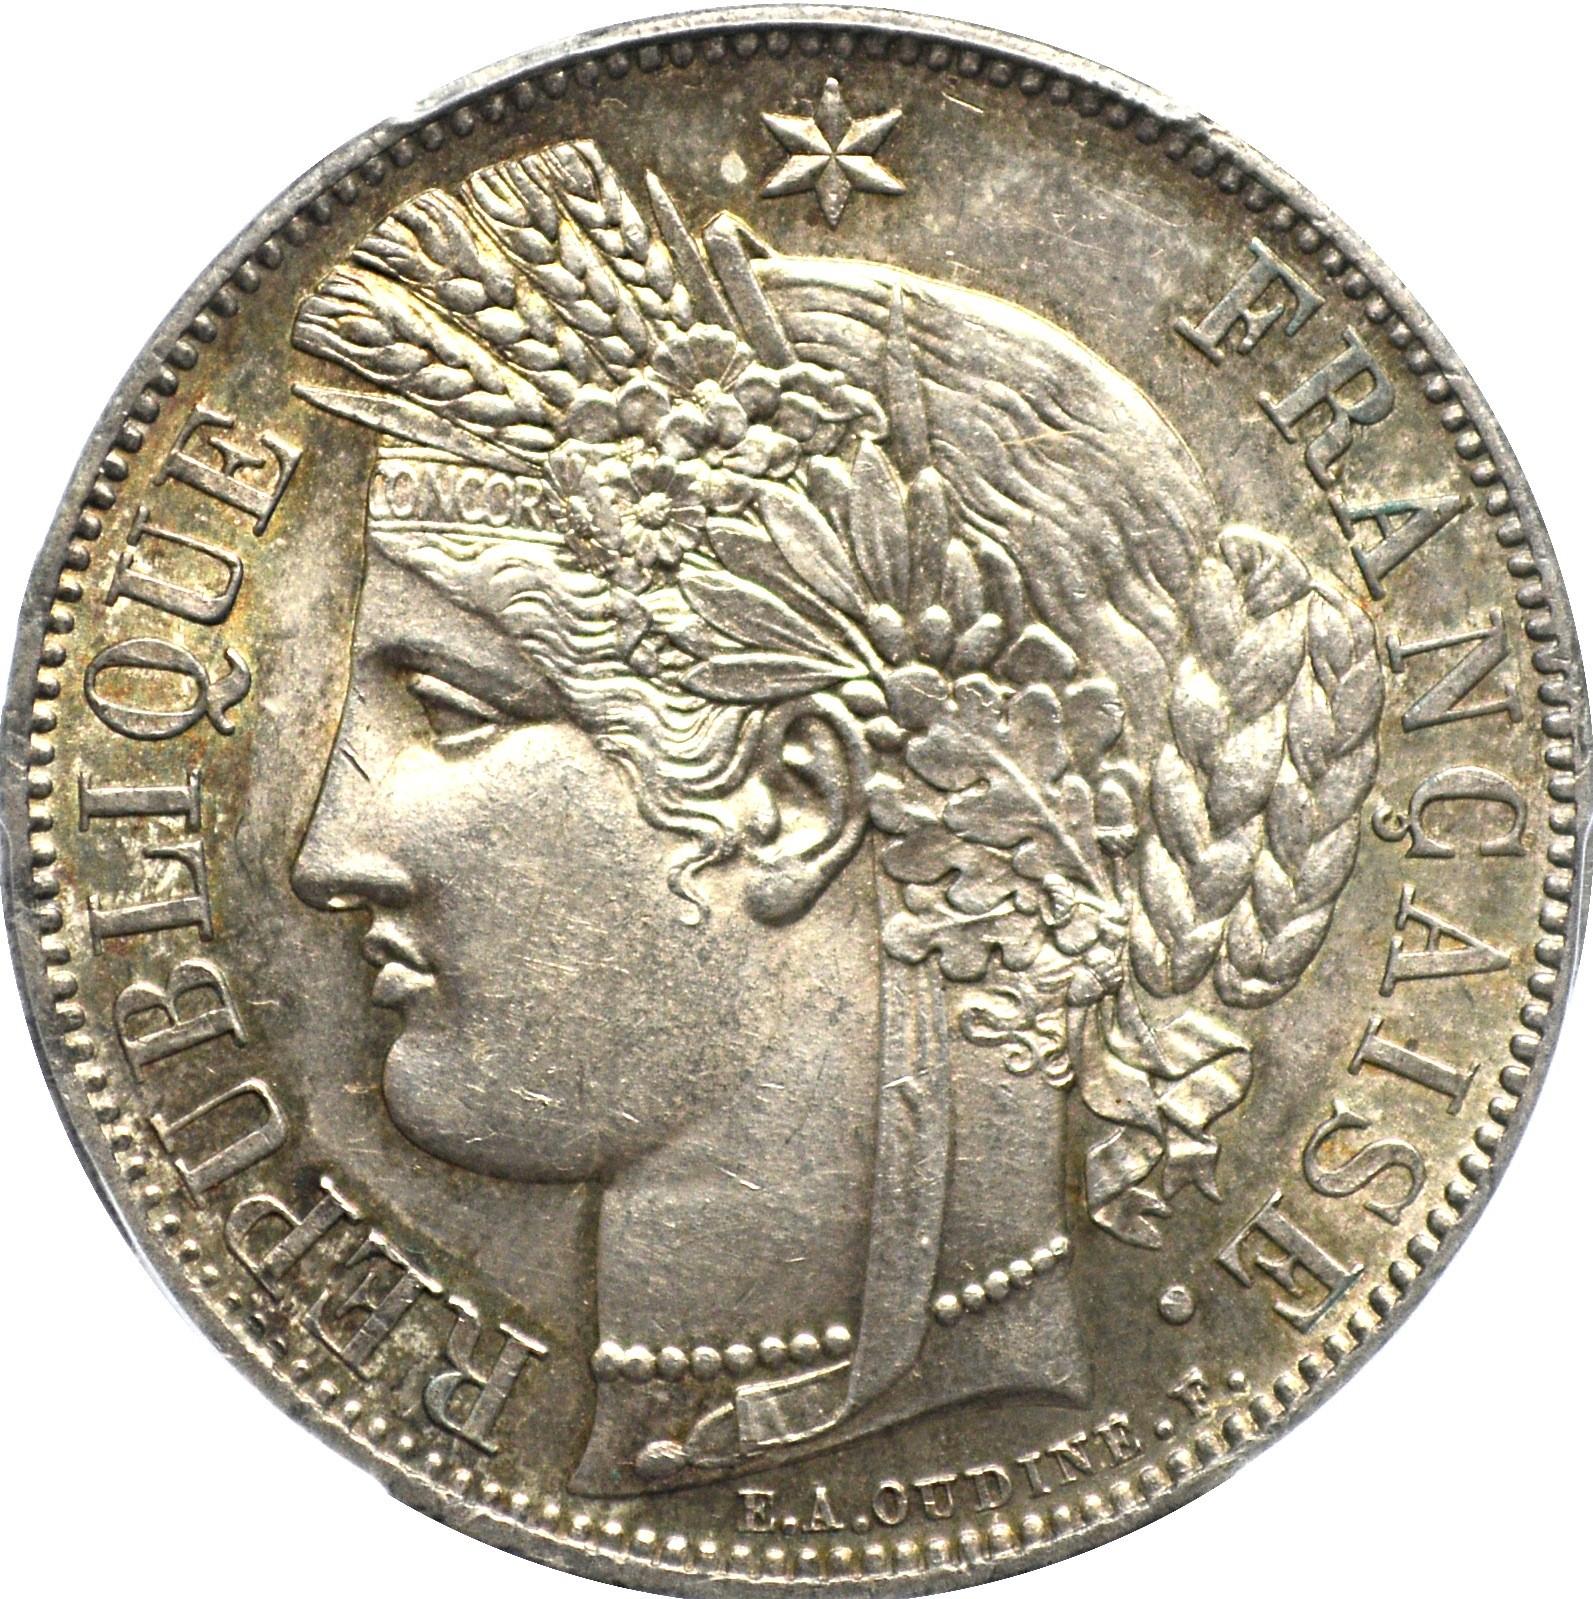 France 5 Francs (1849-1851 Ceres)